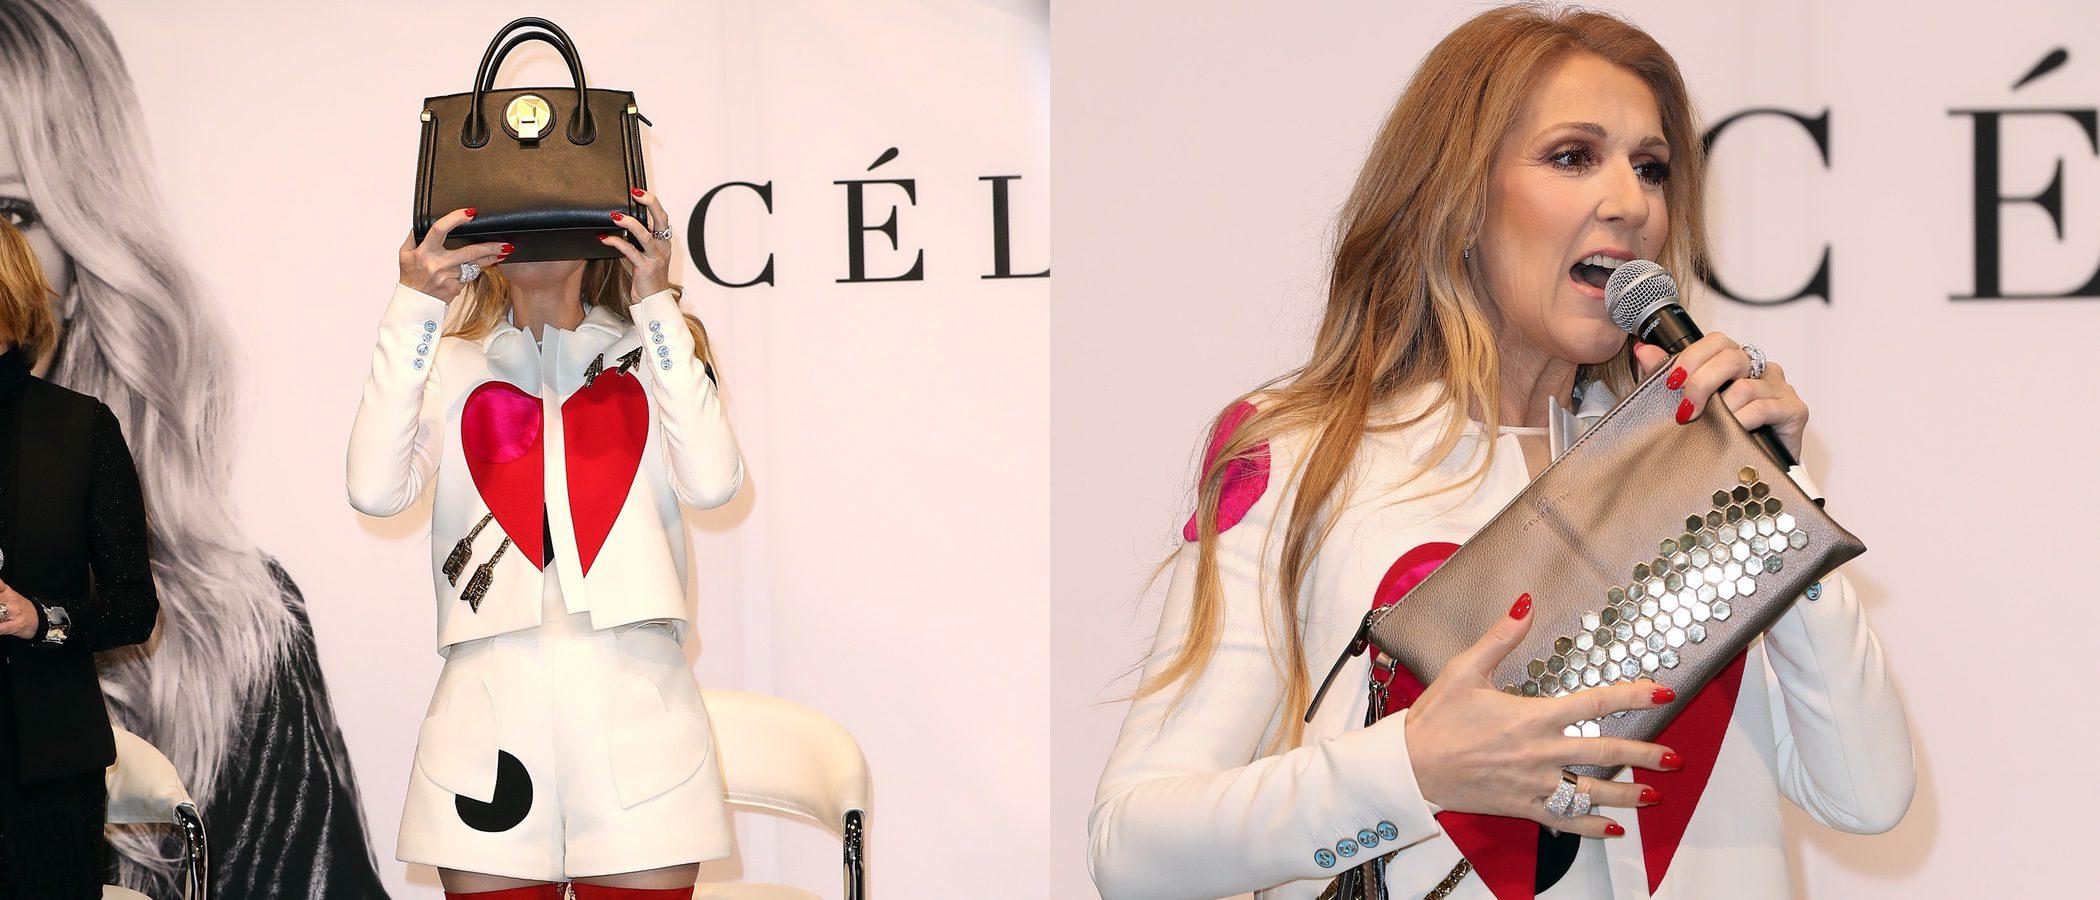 Céline Dion presenta su nueva y variada línea de bolsos 'Celine Dion Collection' con un look romántico